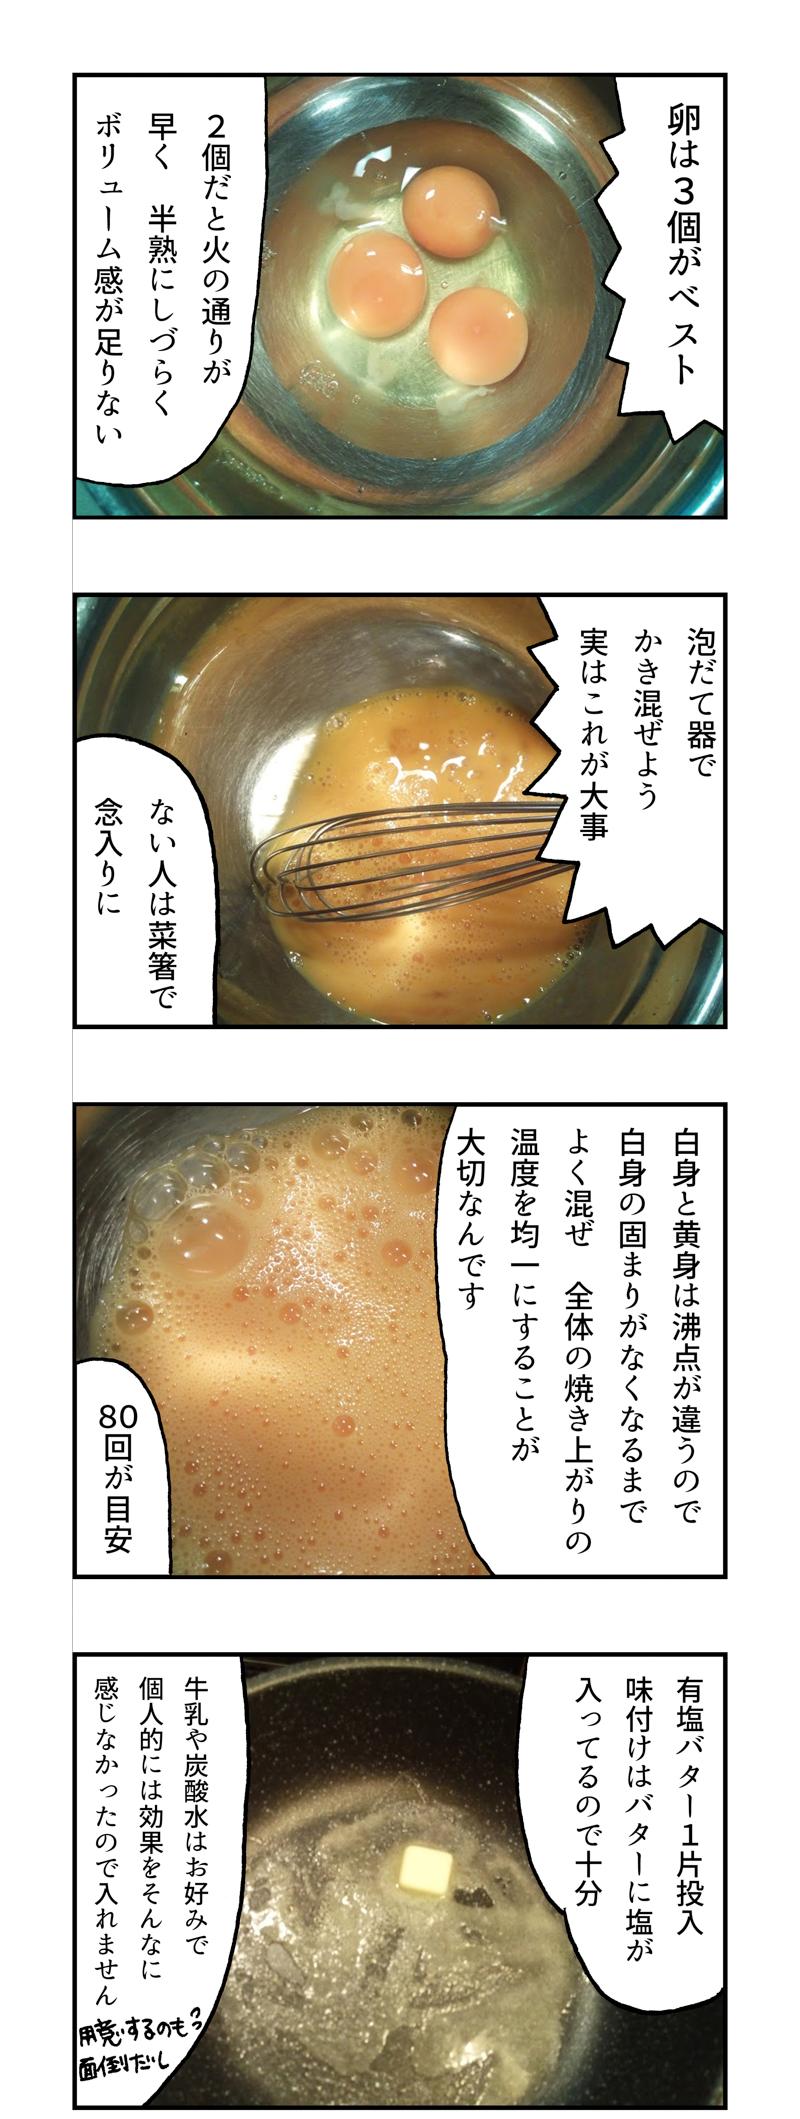 f:id:Meshi2_IB:20170627150141j:plain